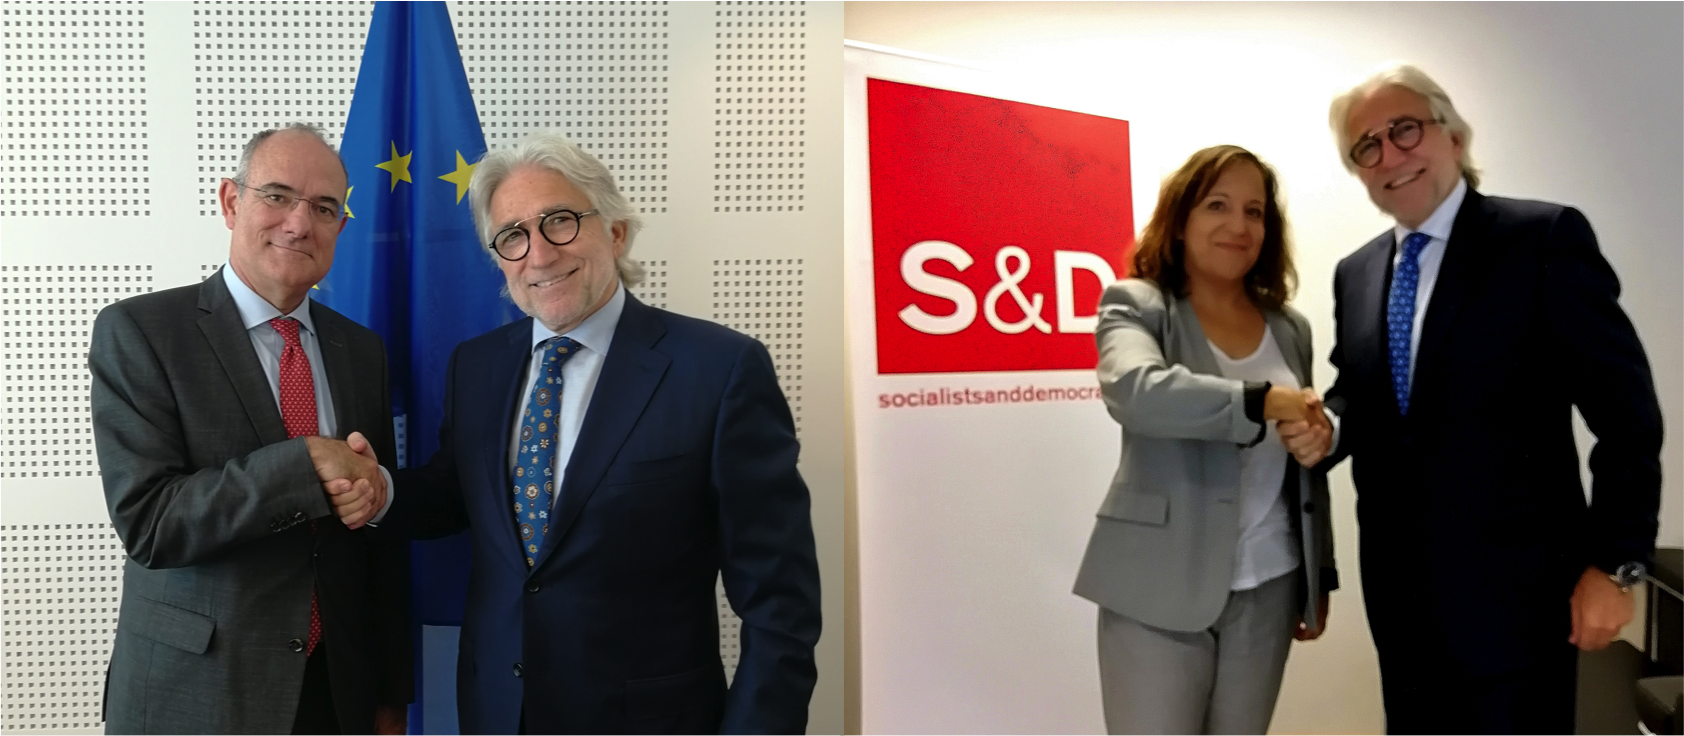 Foment obre una oficina a Brussel·les per incrementar la seva presència en les institucions europees